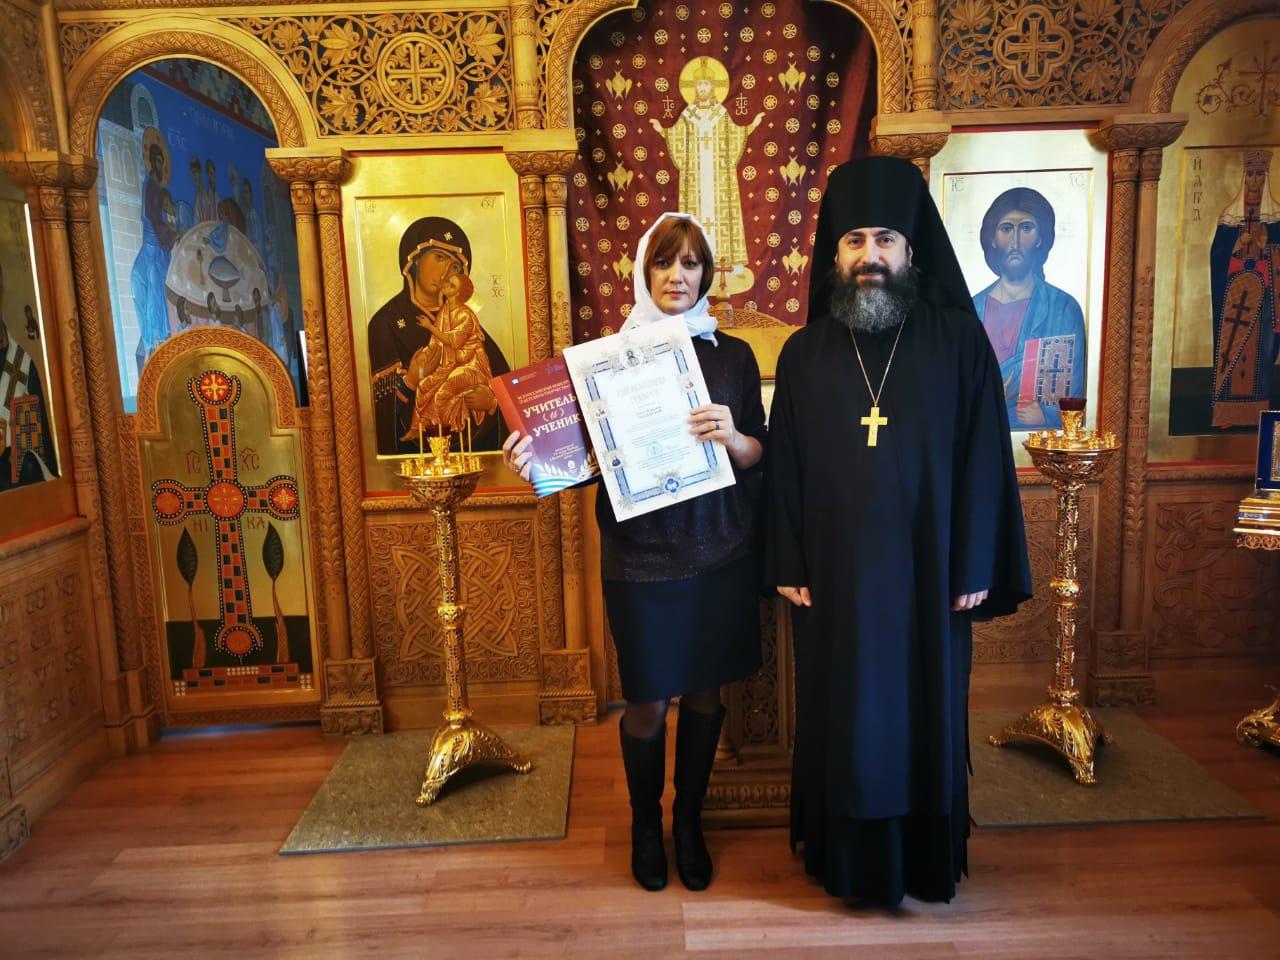 В Кемерово состоялось награждение победителей конкурса «Учитель и ученик»